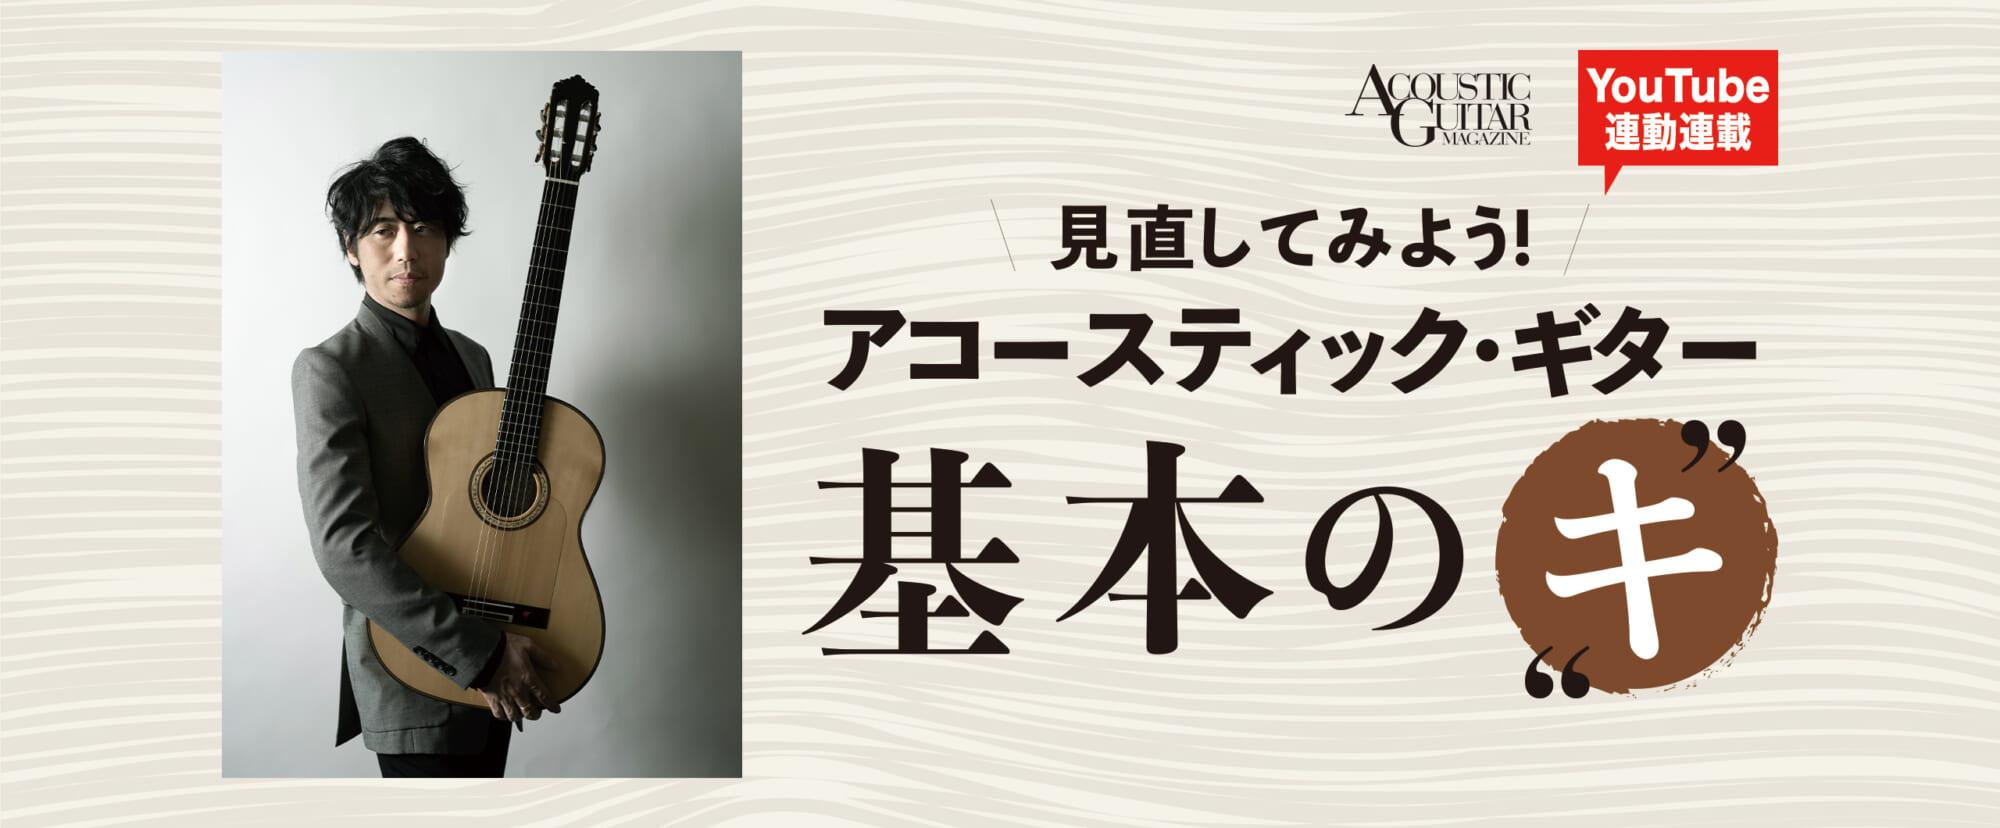 『フラメンコ・ギターじゃなきゃダメなんですか?』 第2回by 沖仁